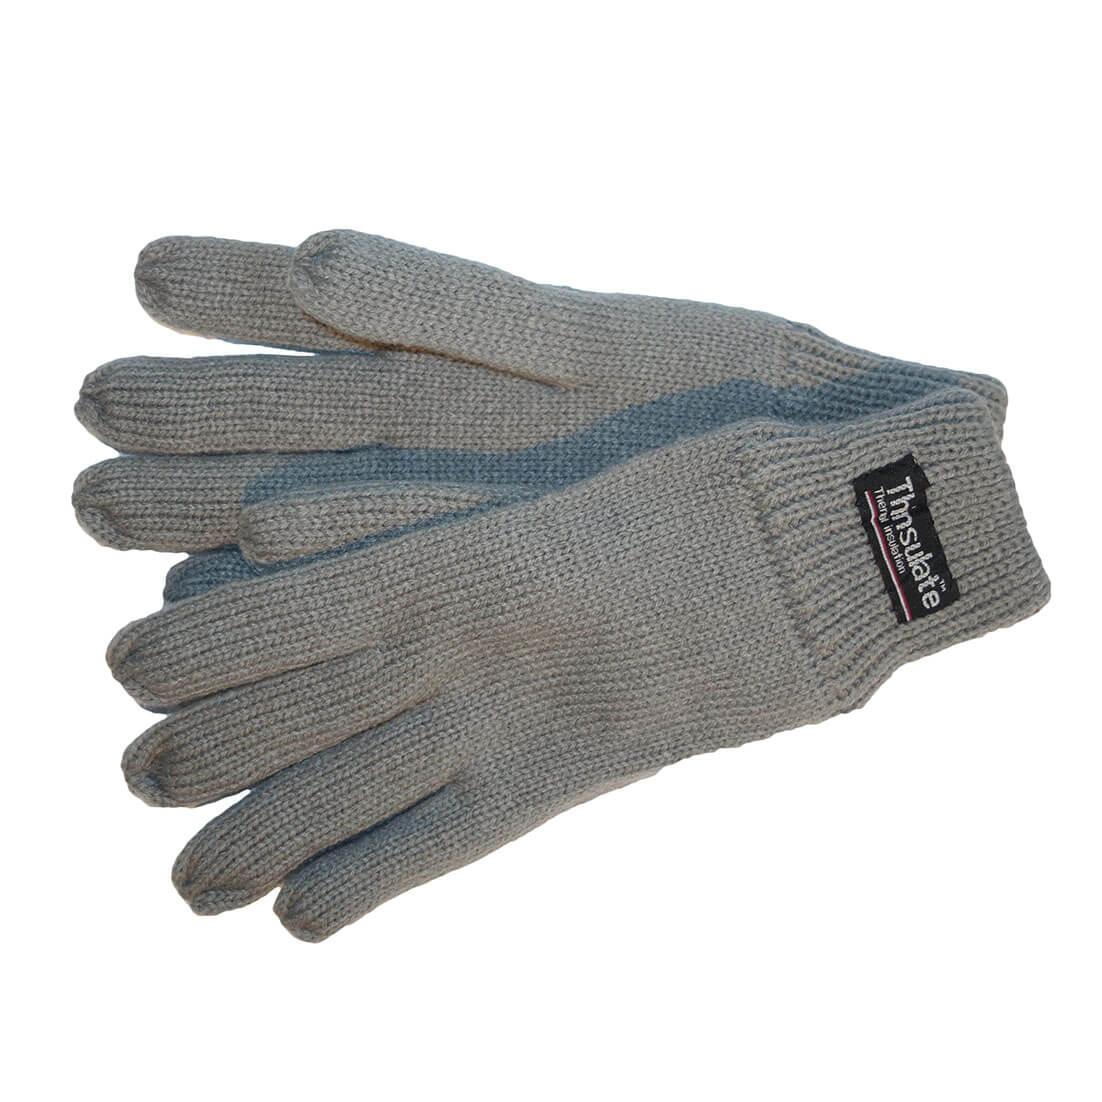 Thinsulate Handschoenen Grijs S/M-0